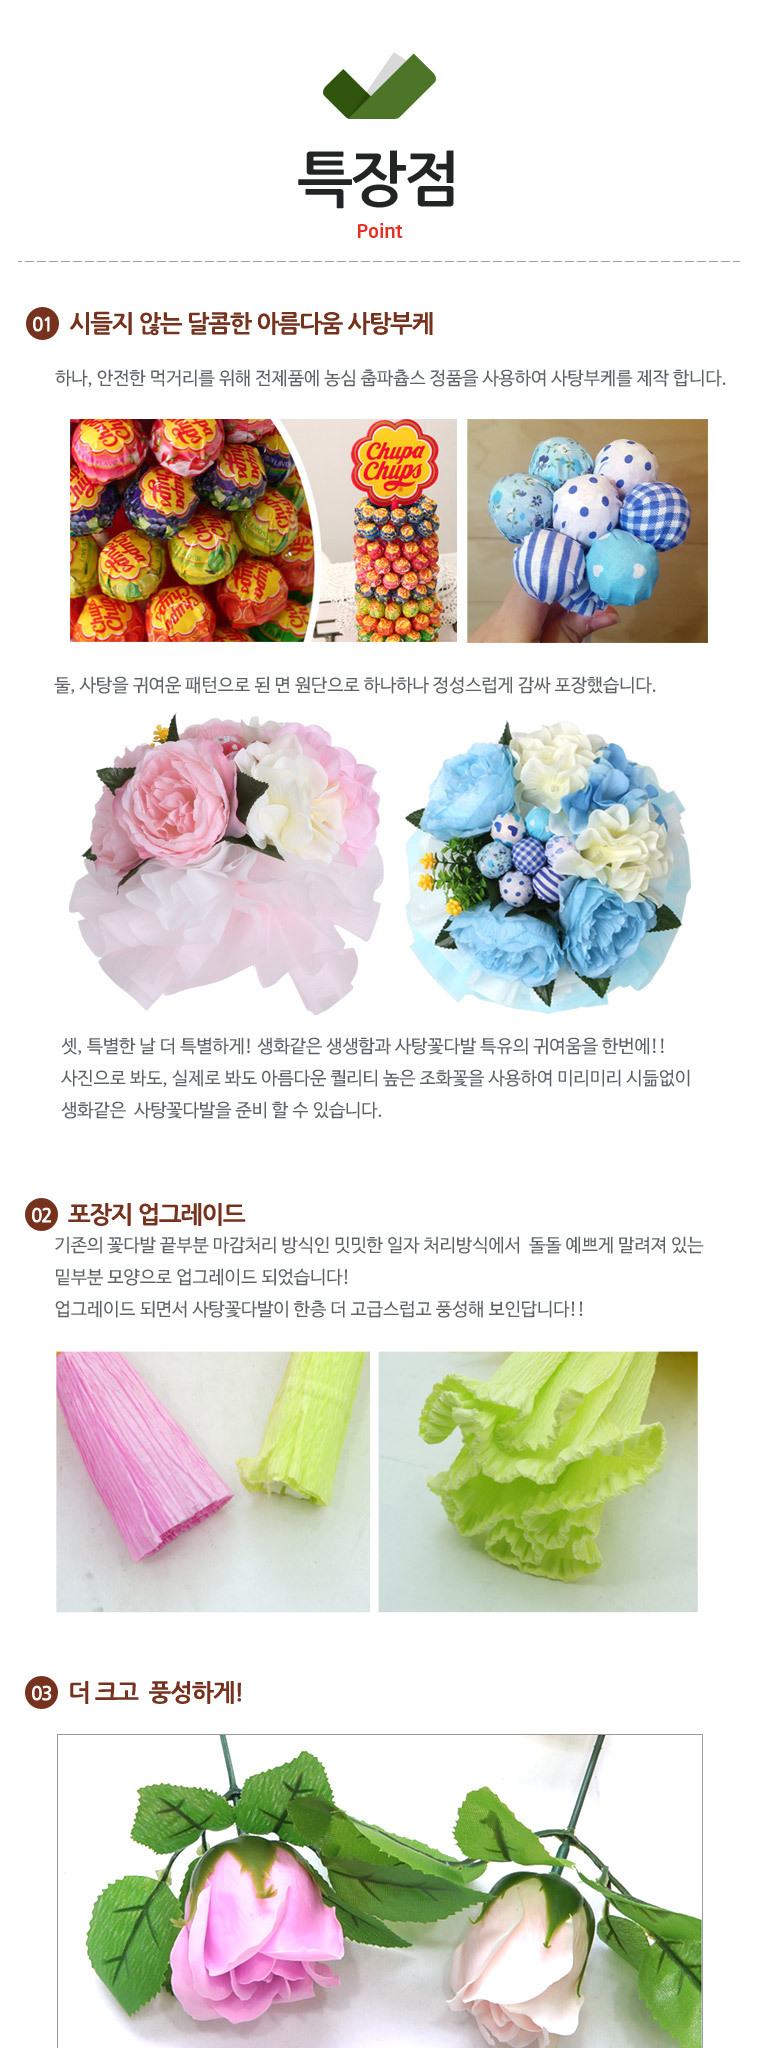 [인기추천] 졸업/발표회 사탕부케 - 상세정보